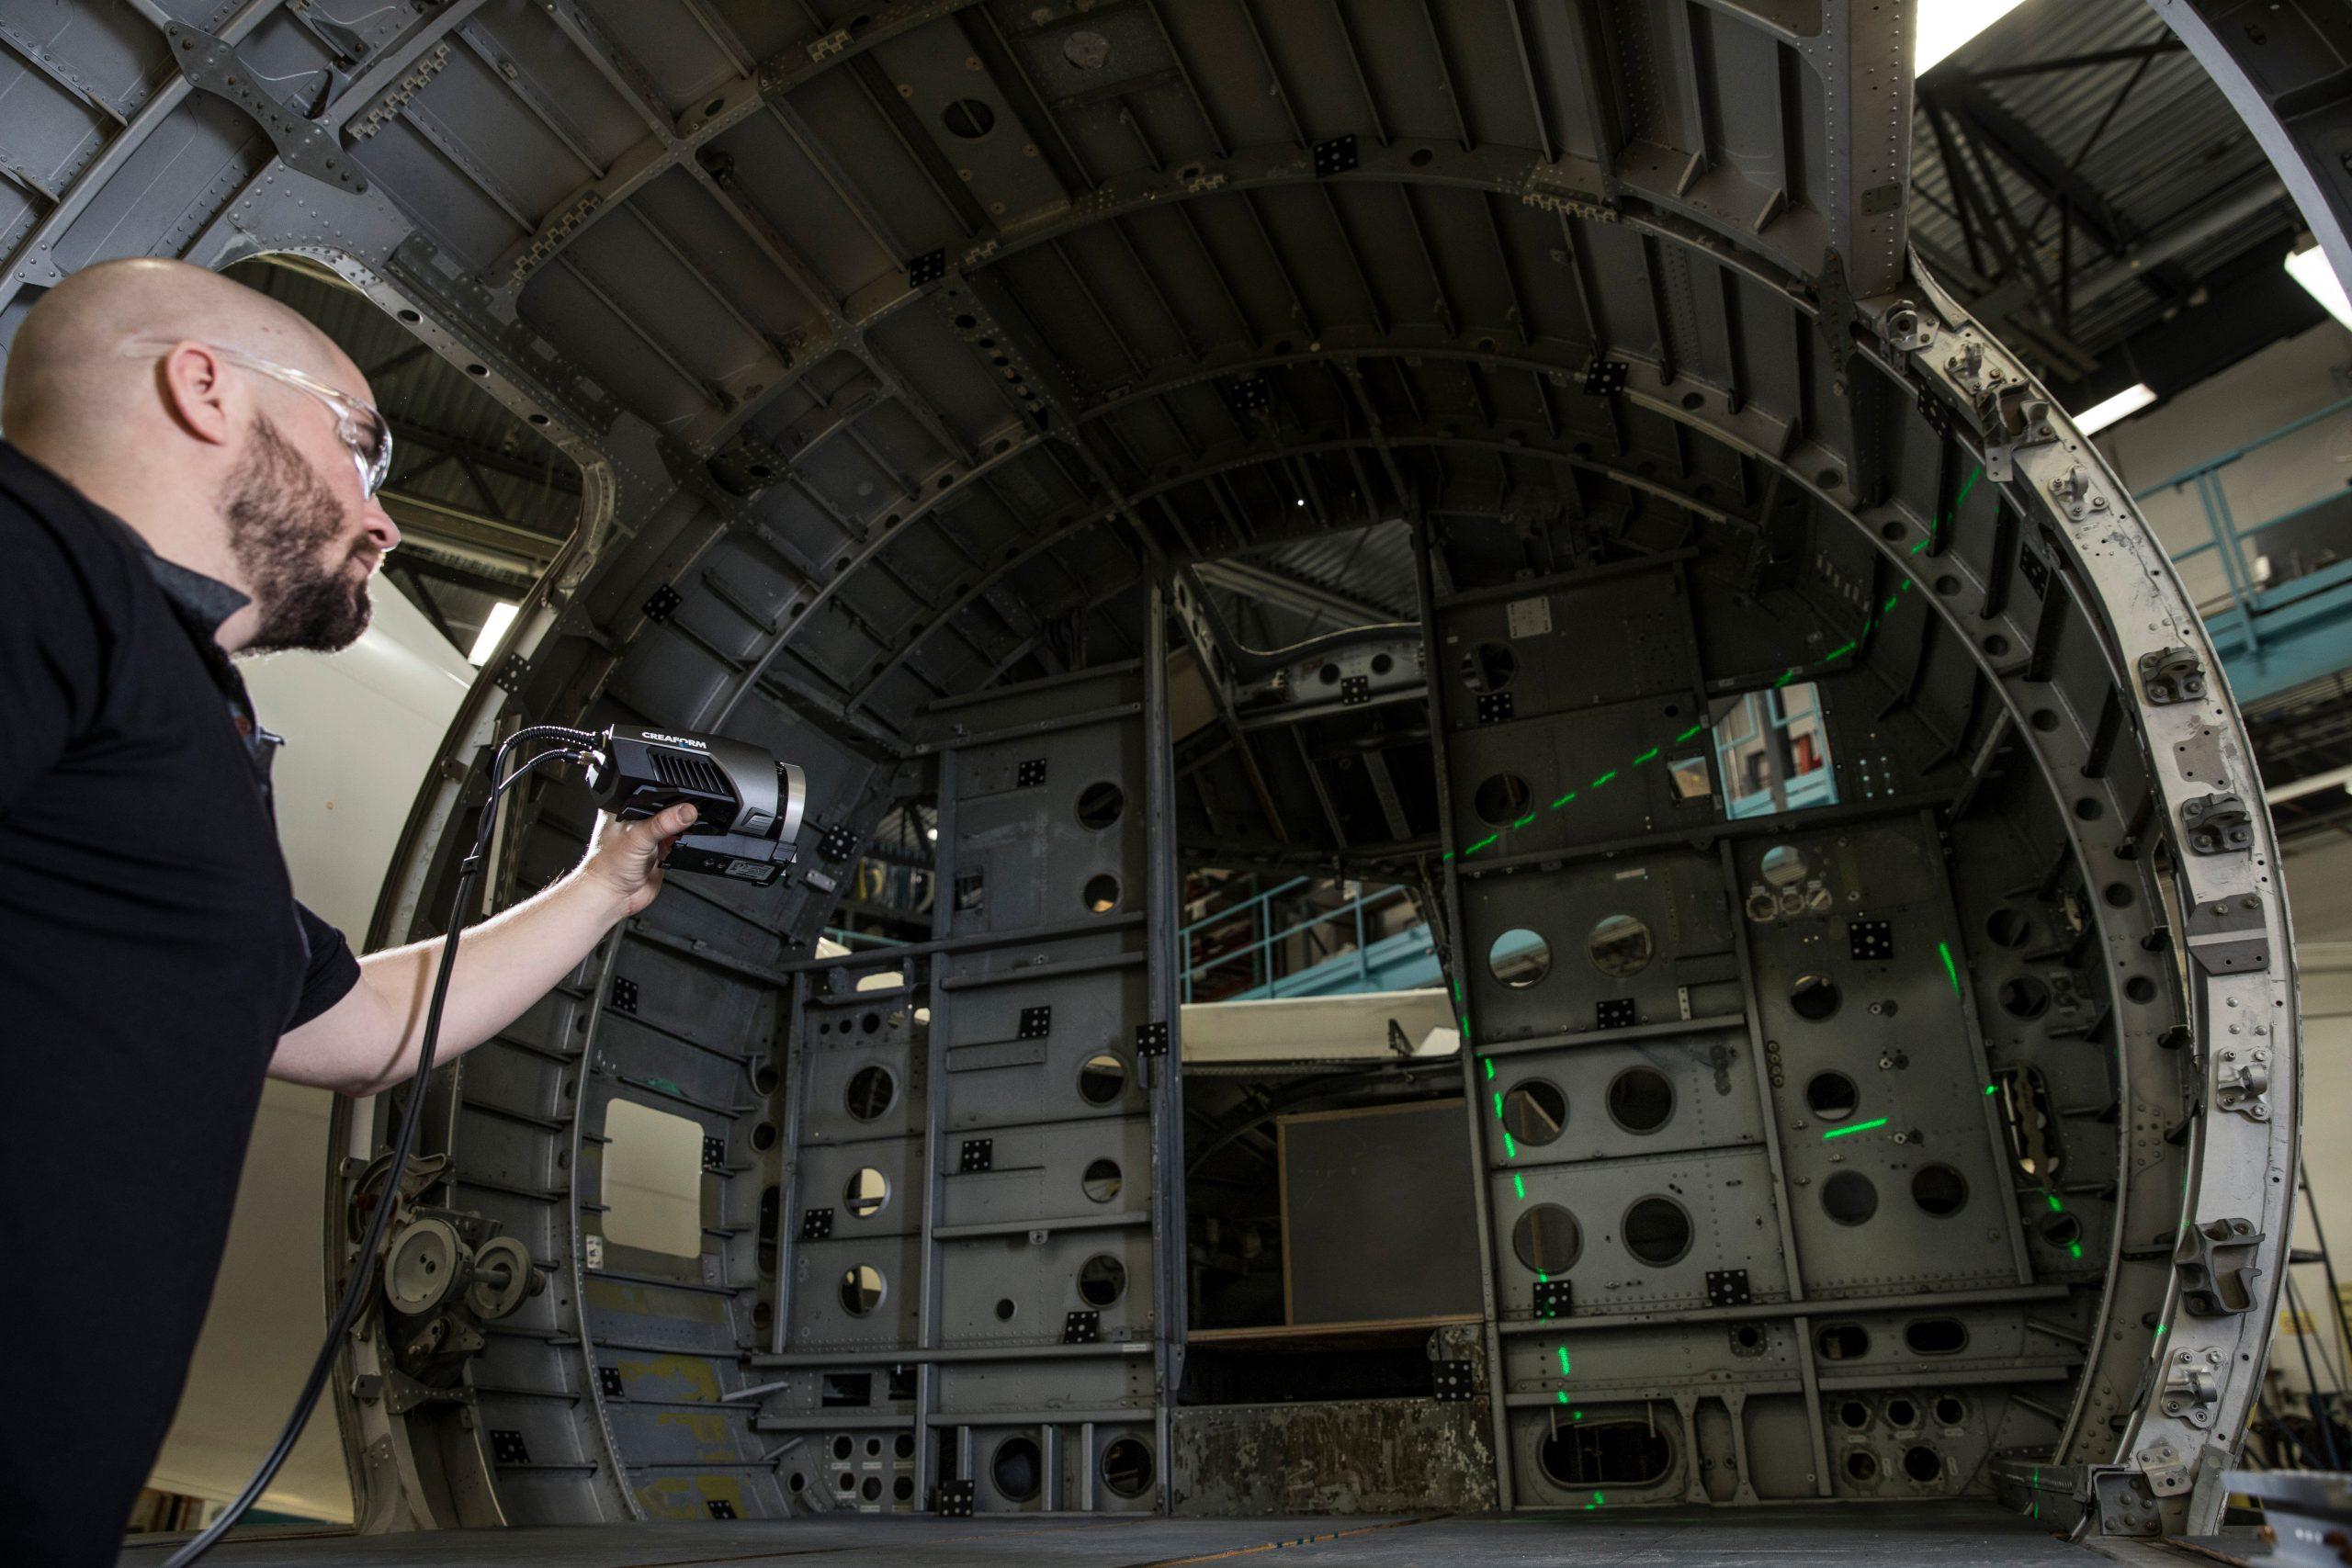 MaxSHOT 3D, système optique de mesure de coordonnées, utilisé pour inspecter une pièce métallique volumineuse détaillée